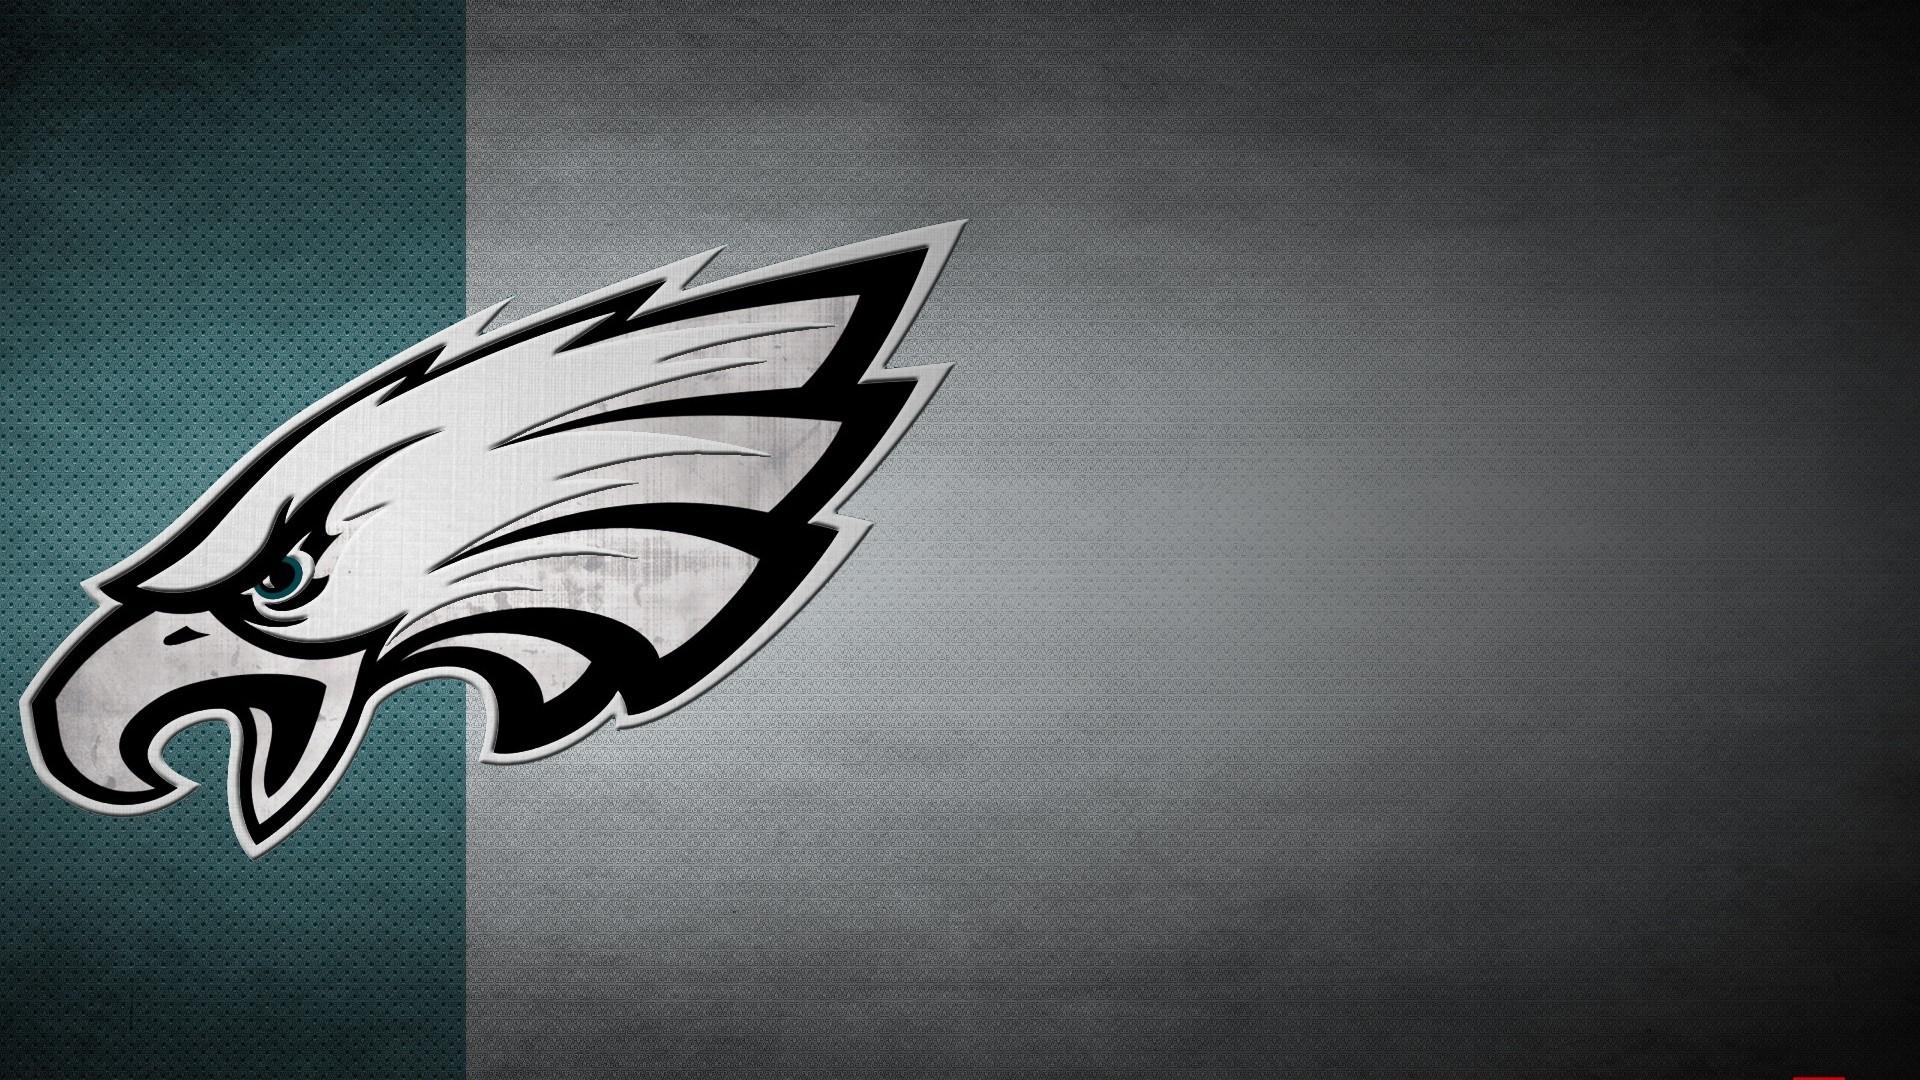 Philadelphia Eagles a wallpaper